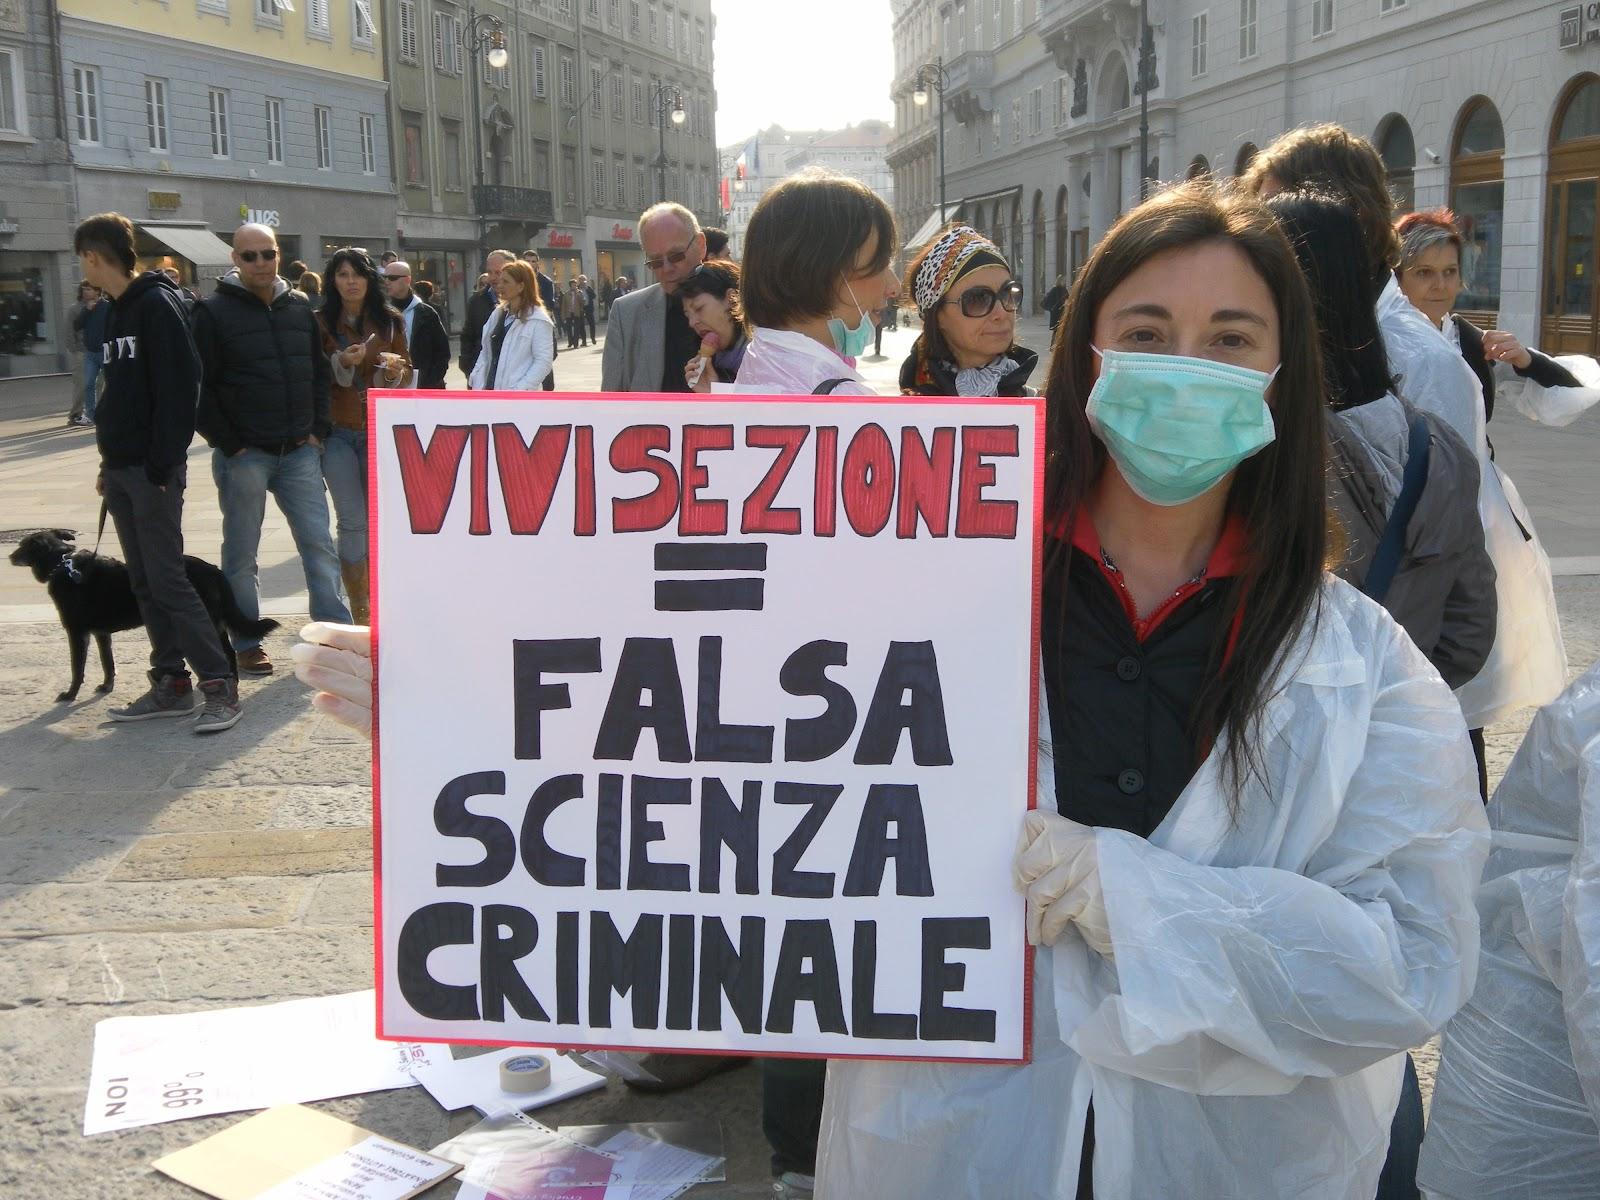 Vivisezione, Italia in ritardo con l'utilizzo delle nuove tecniche